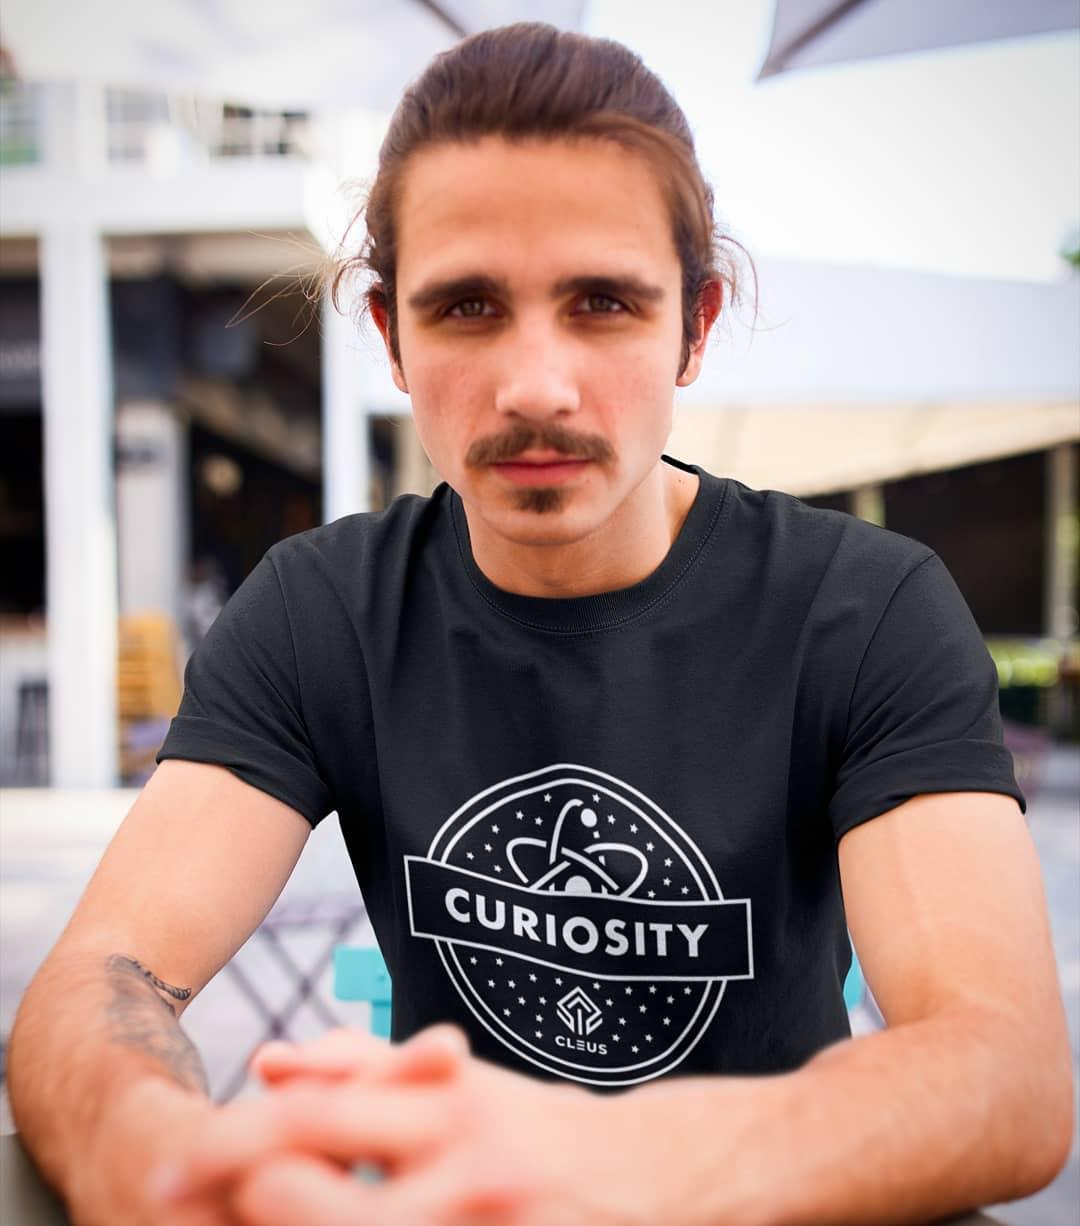 curiosity geek t-shirt